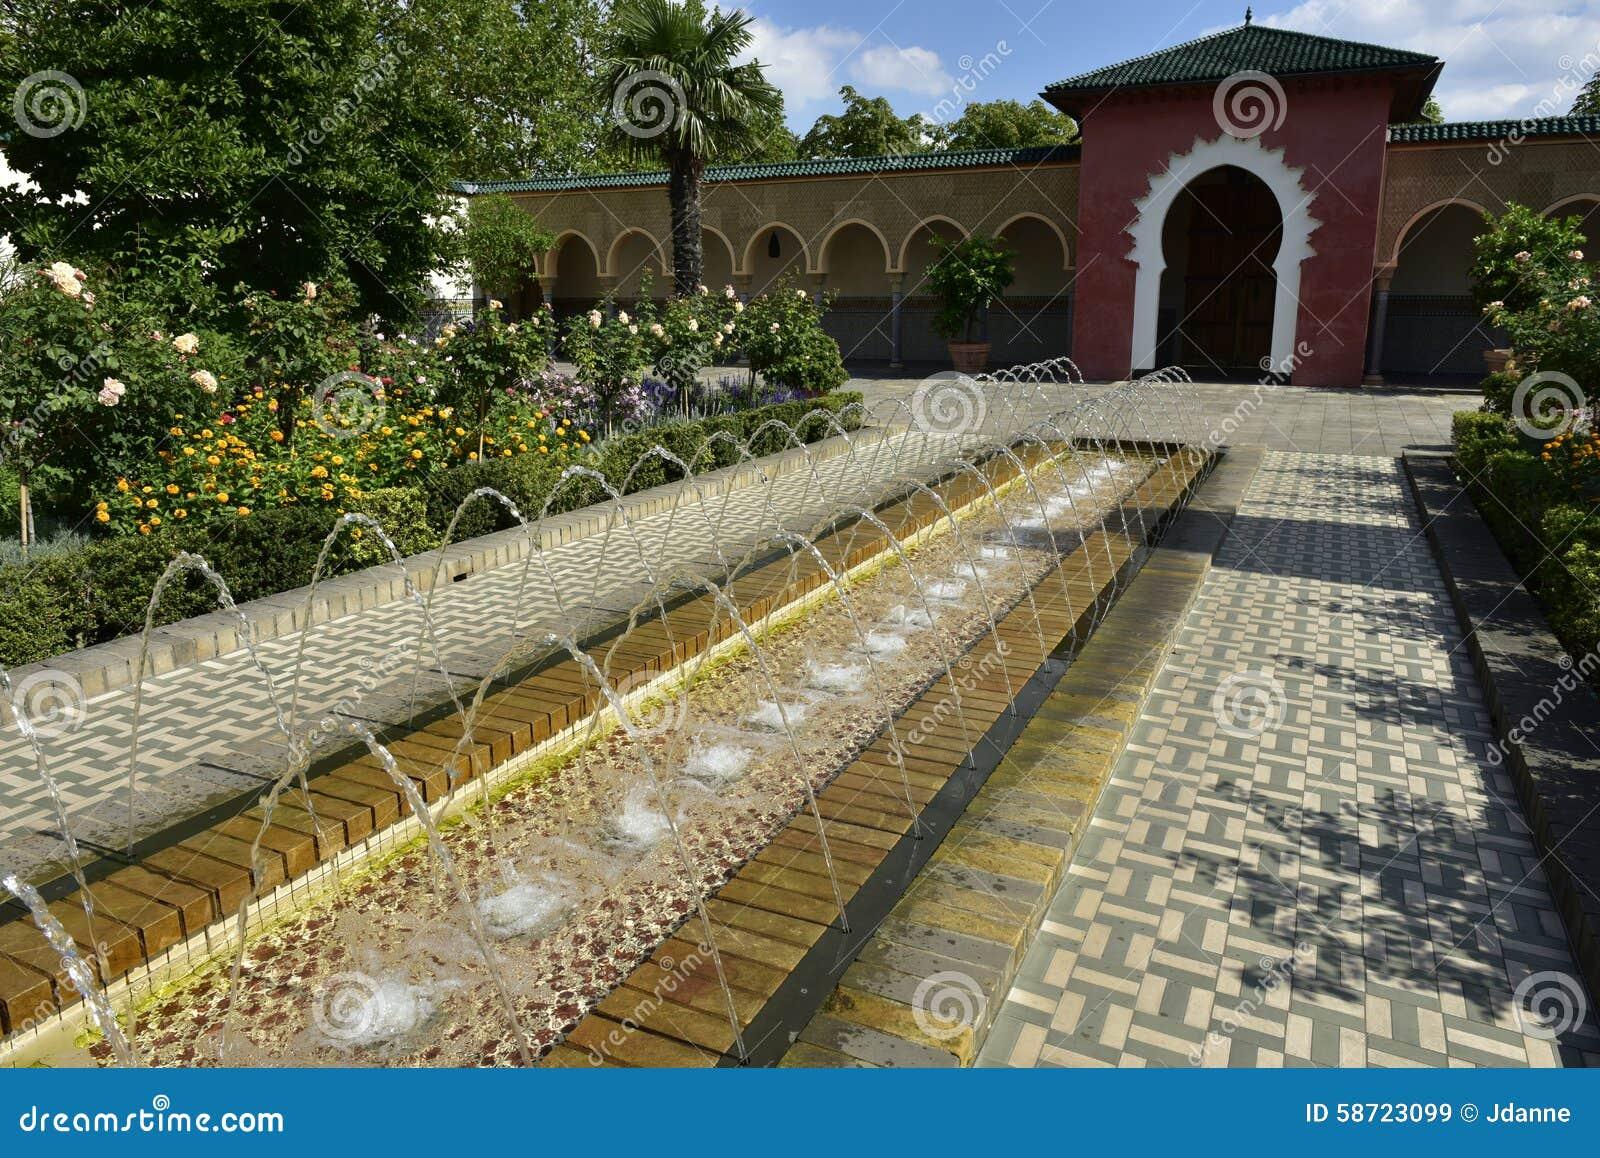 Jardin Arabe Berlin Allemagne Image Stock Image Du Tourisme - Jardin-arabe